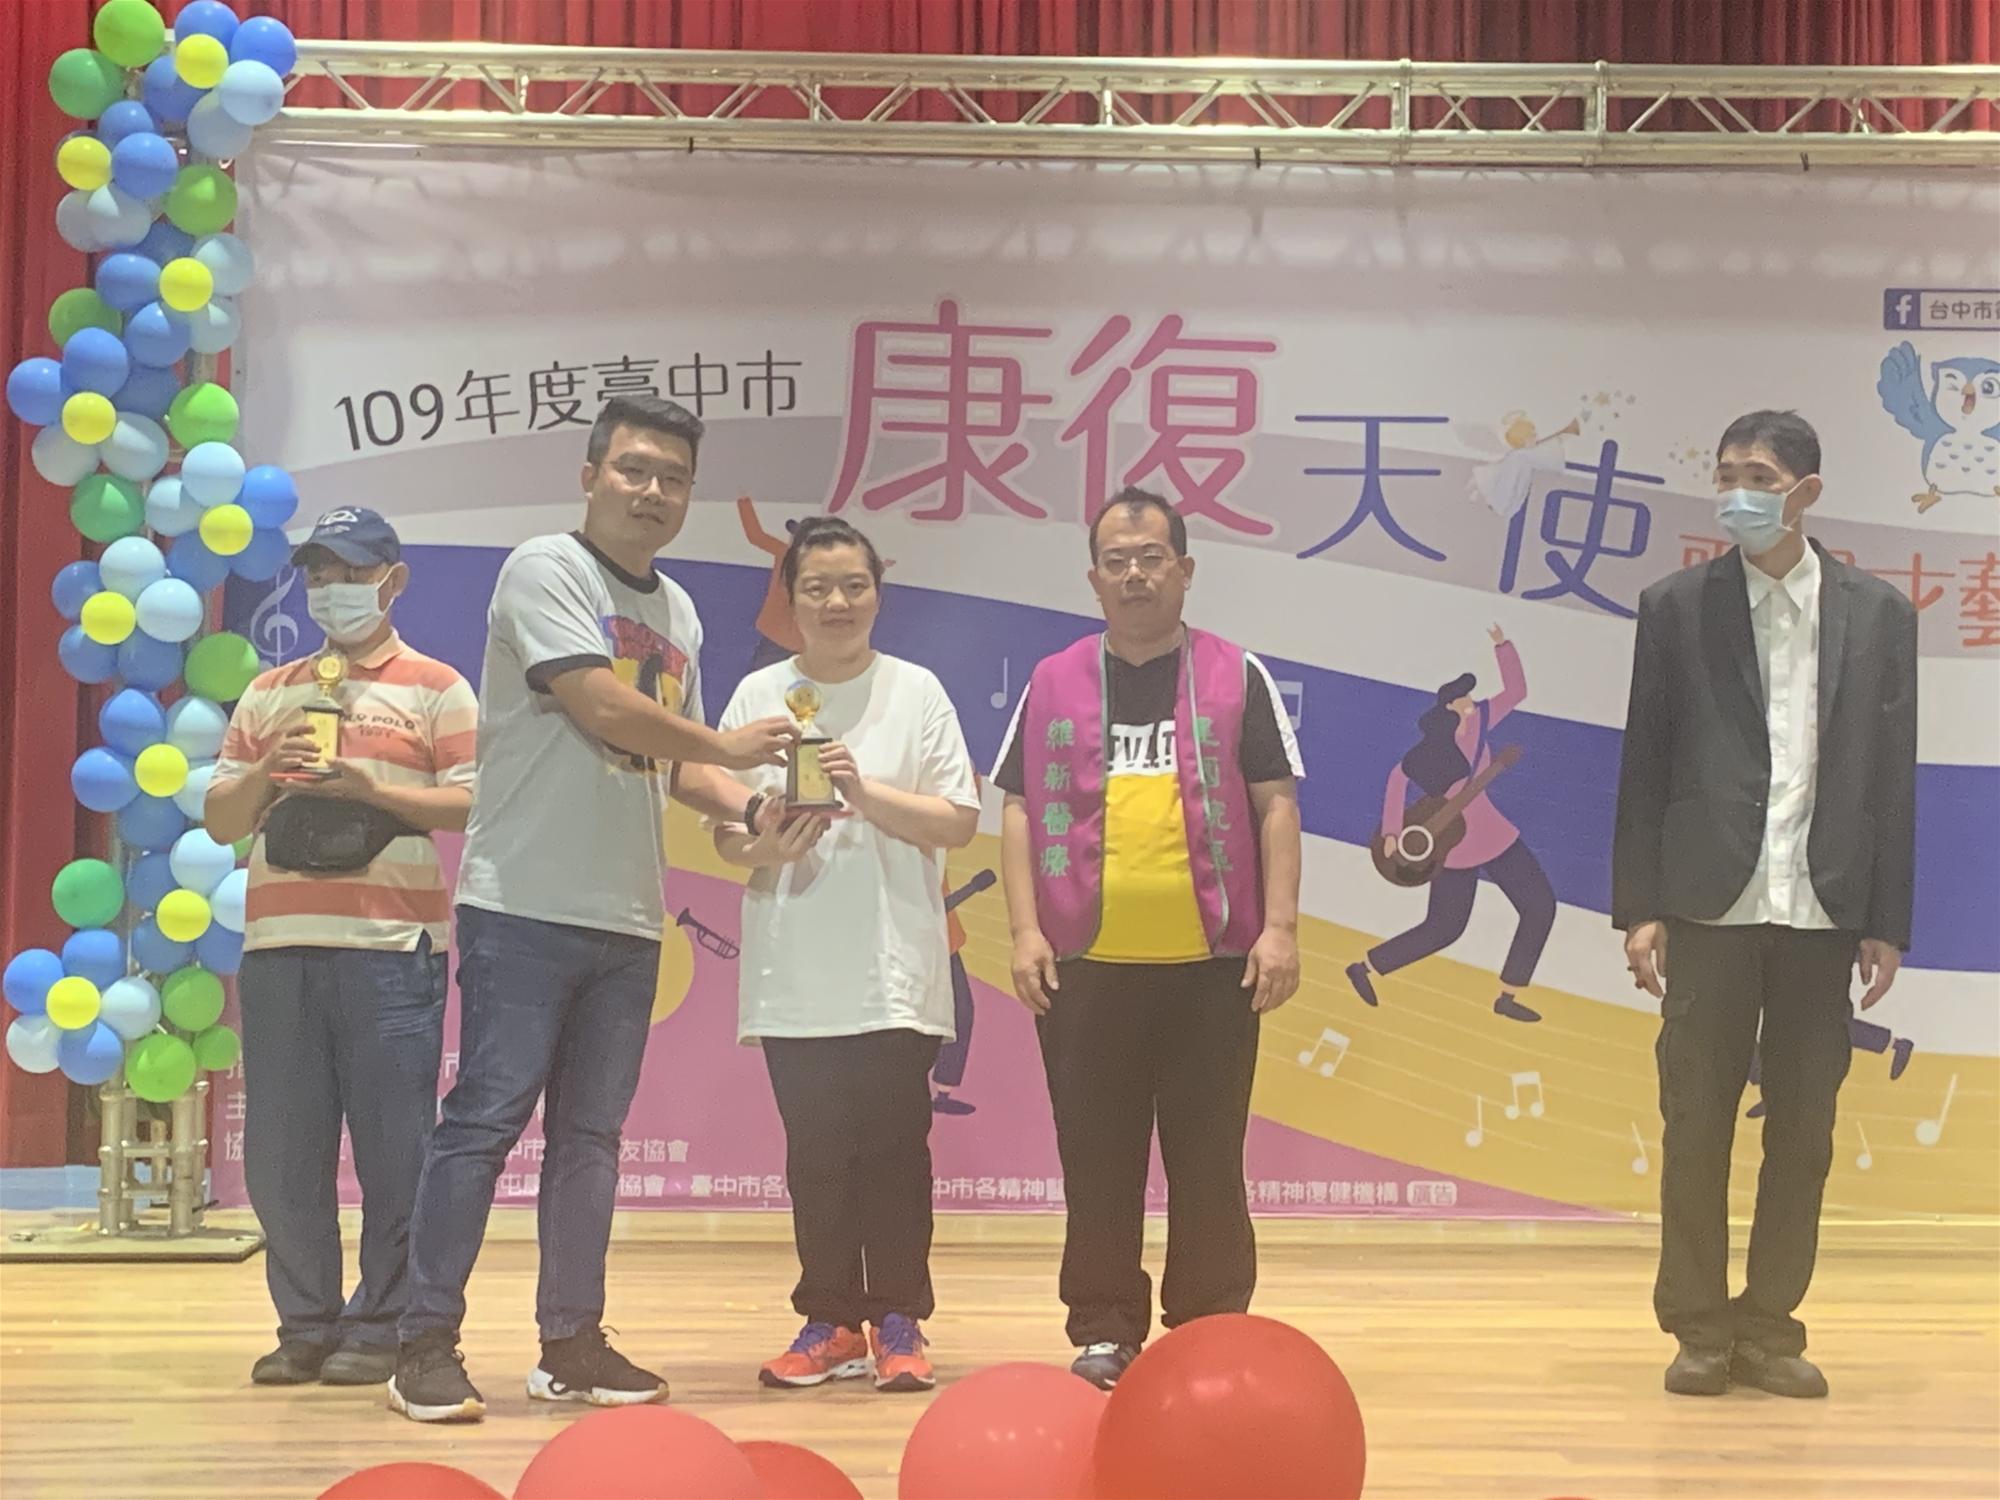 參加台中市衛生局舉辦『109年康復天使歌唱才藝比賽』,榮獲「優勝」佳績2